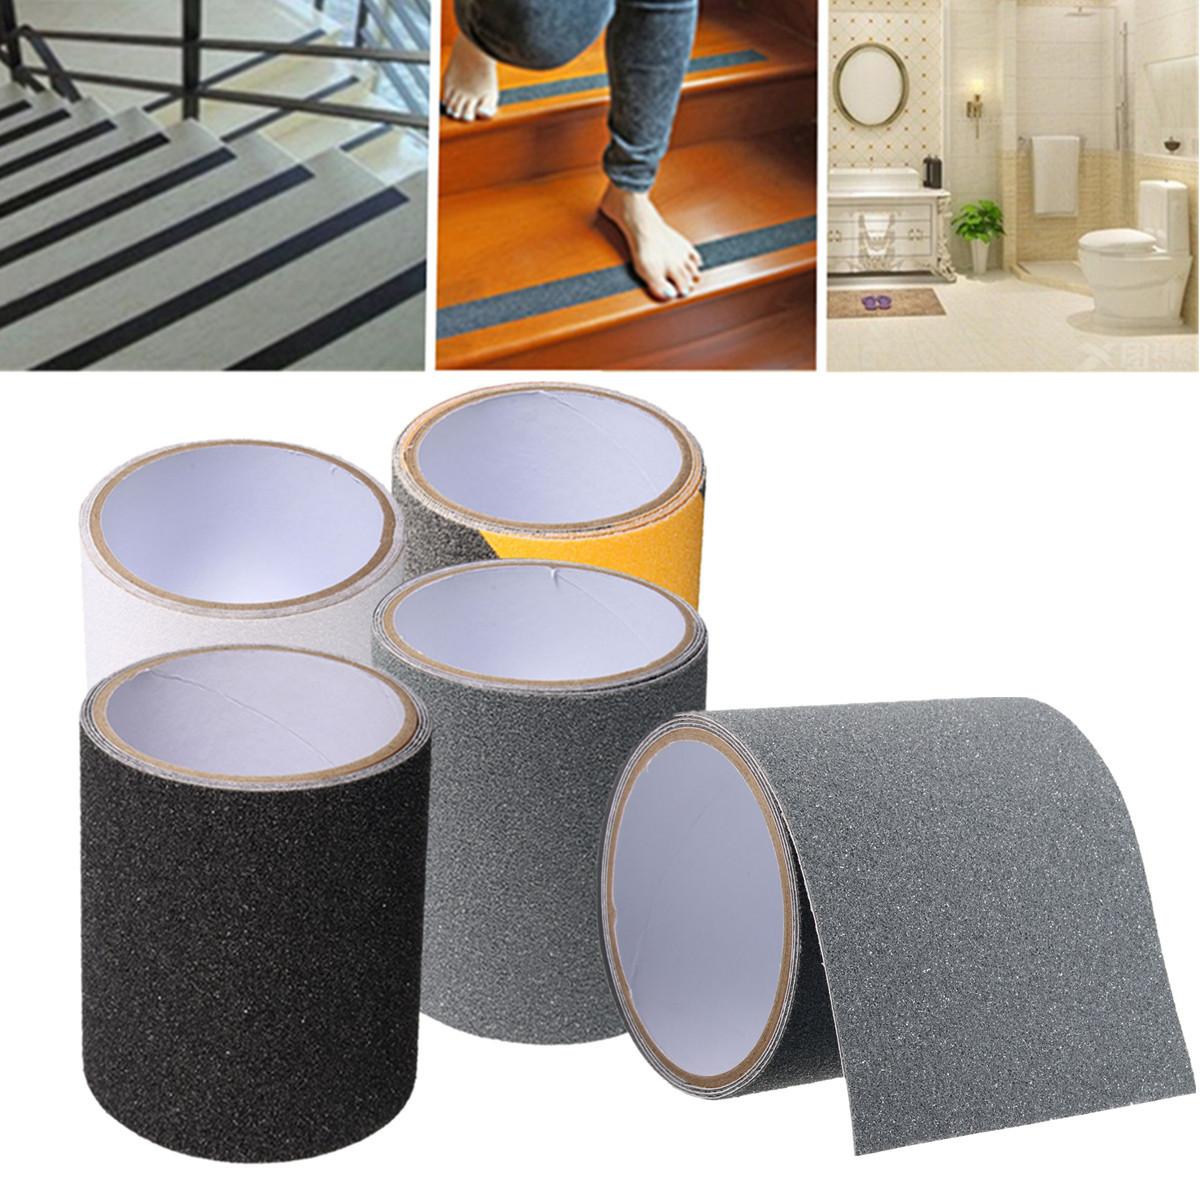 Anti Slip Showers : Roll safety non skid tape anti slip sticker grip safe